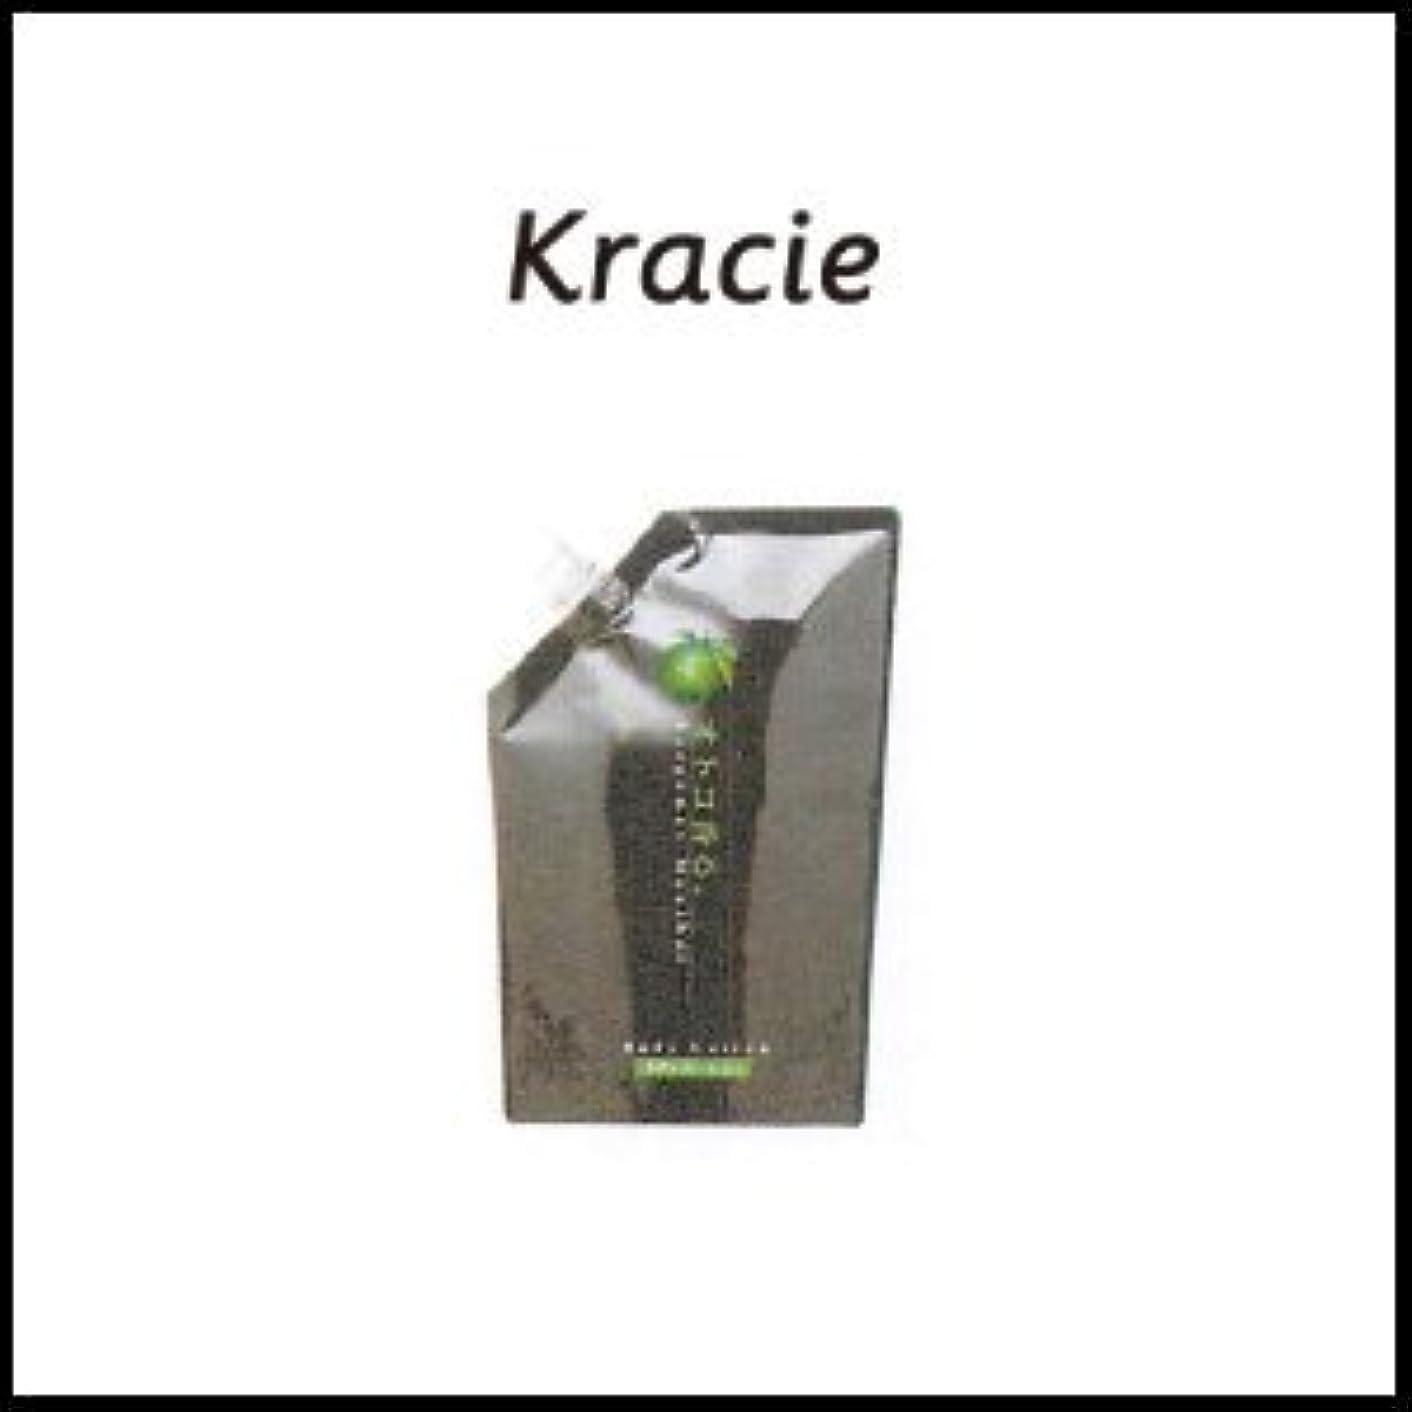 終わり全部明示的にクラシエ オトコ香る ボディローション(ベルガモット) 500ml 詰替え用(レフィル)